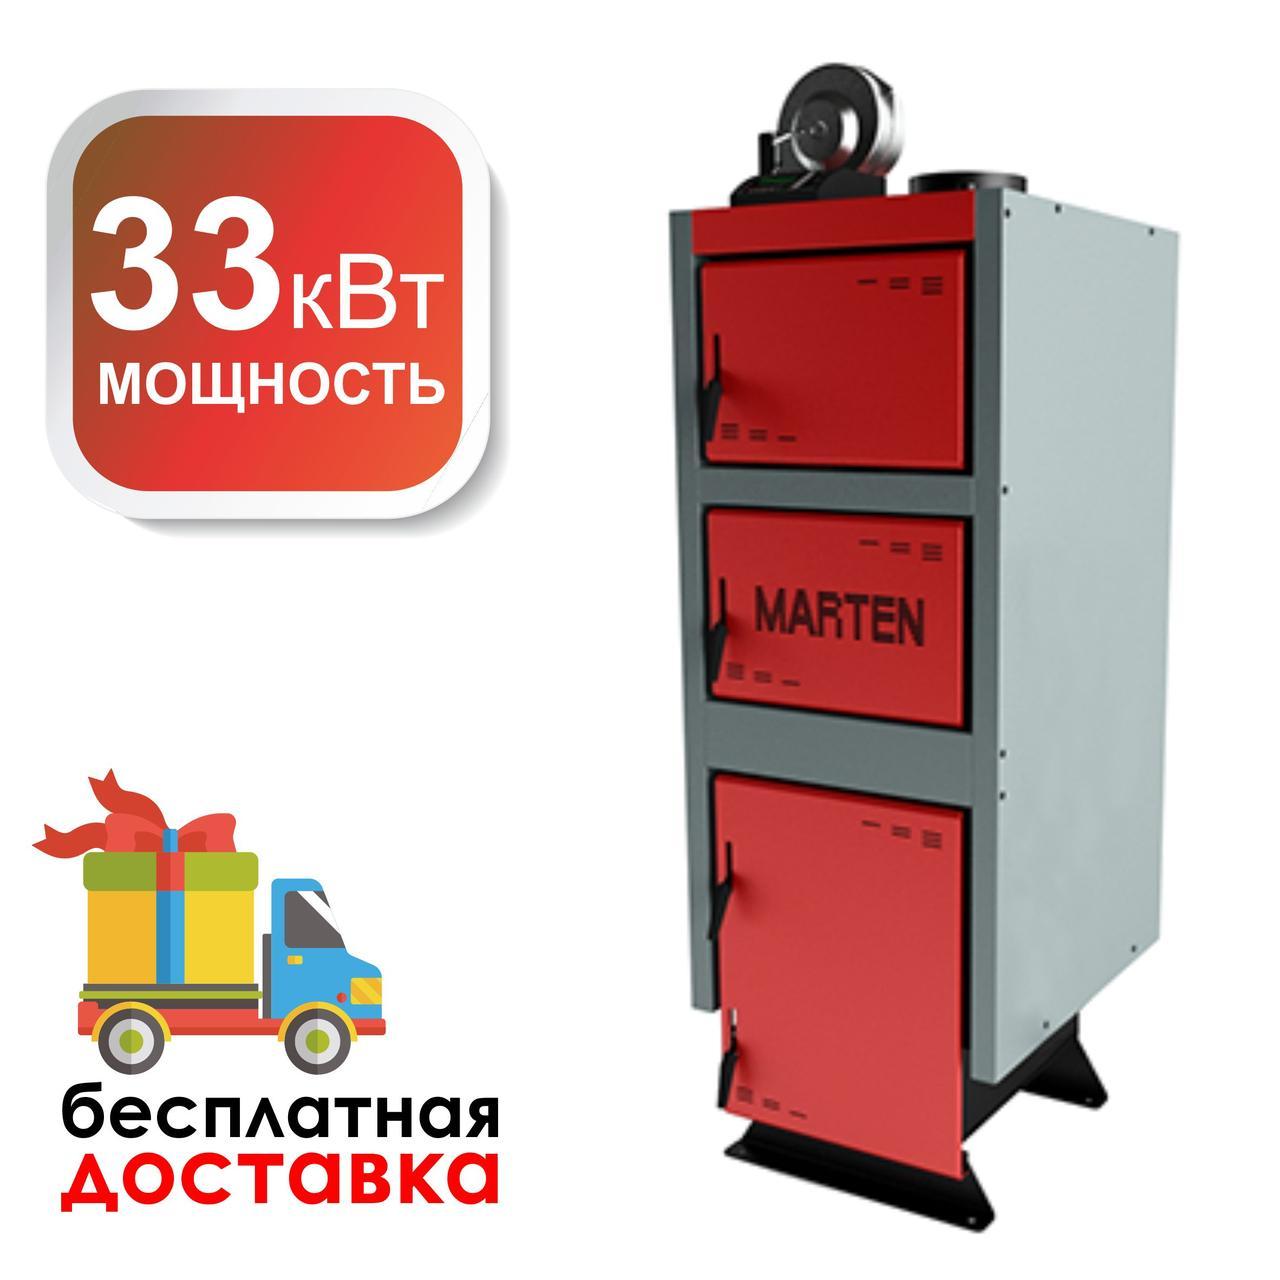 Стальной твердотопливный котел Marten Comfort MC 33